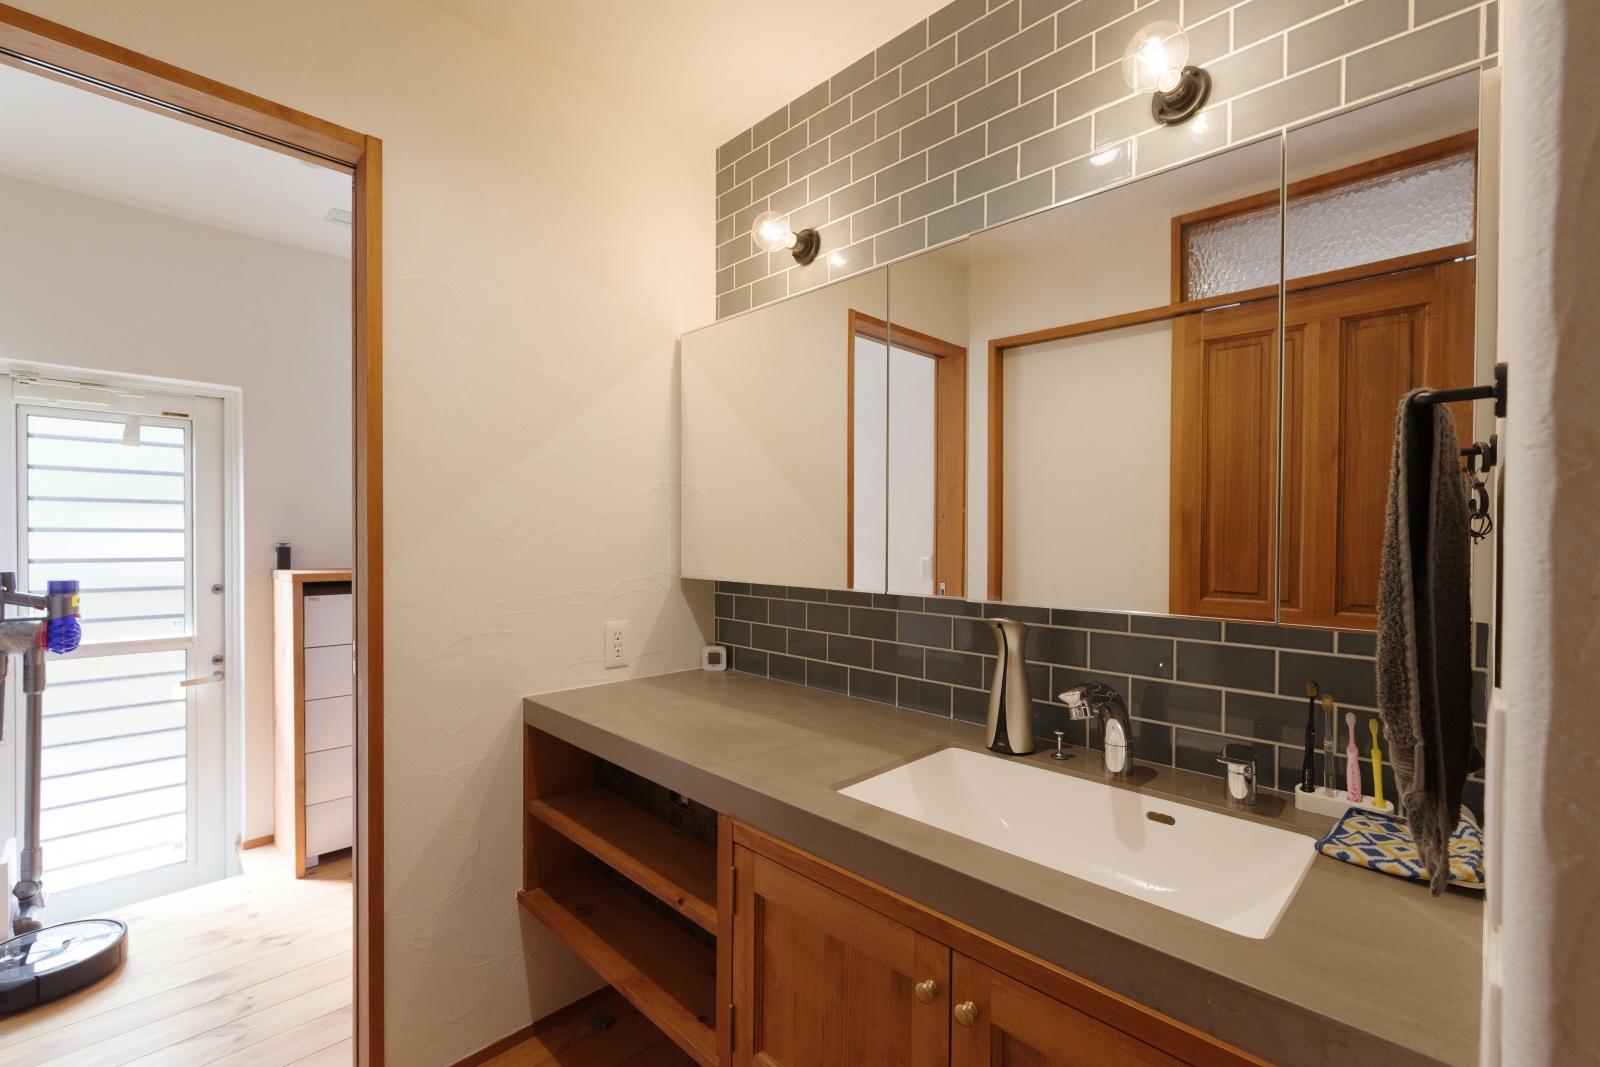 広々使えるホテルライクな独立洗面台